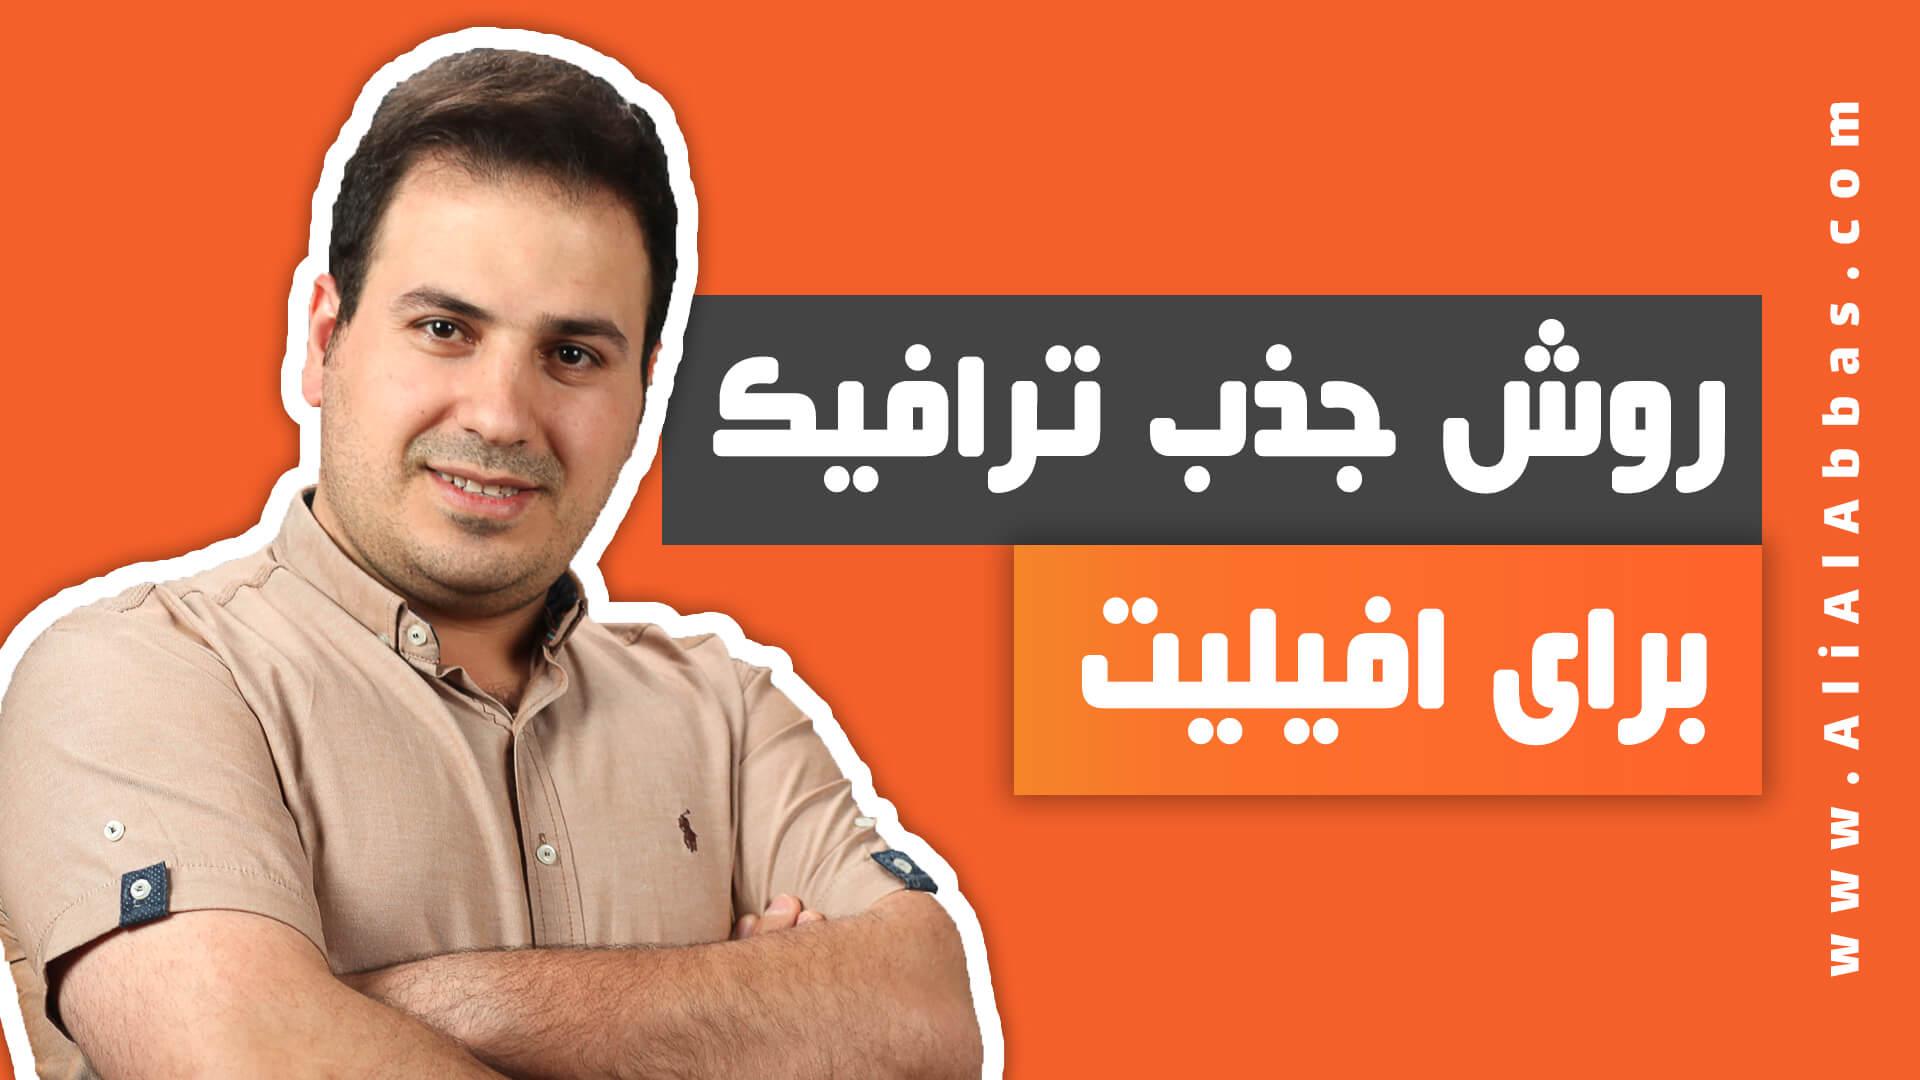 علی آل عباس - روش جذب ترافیک برای افیلیت